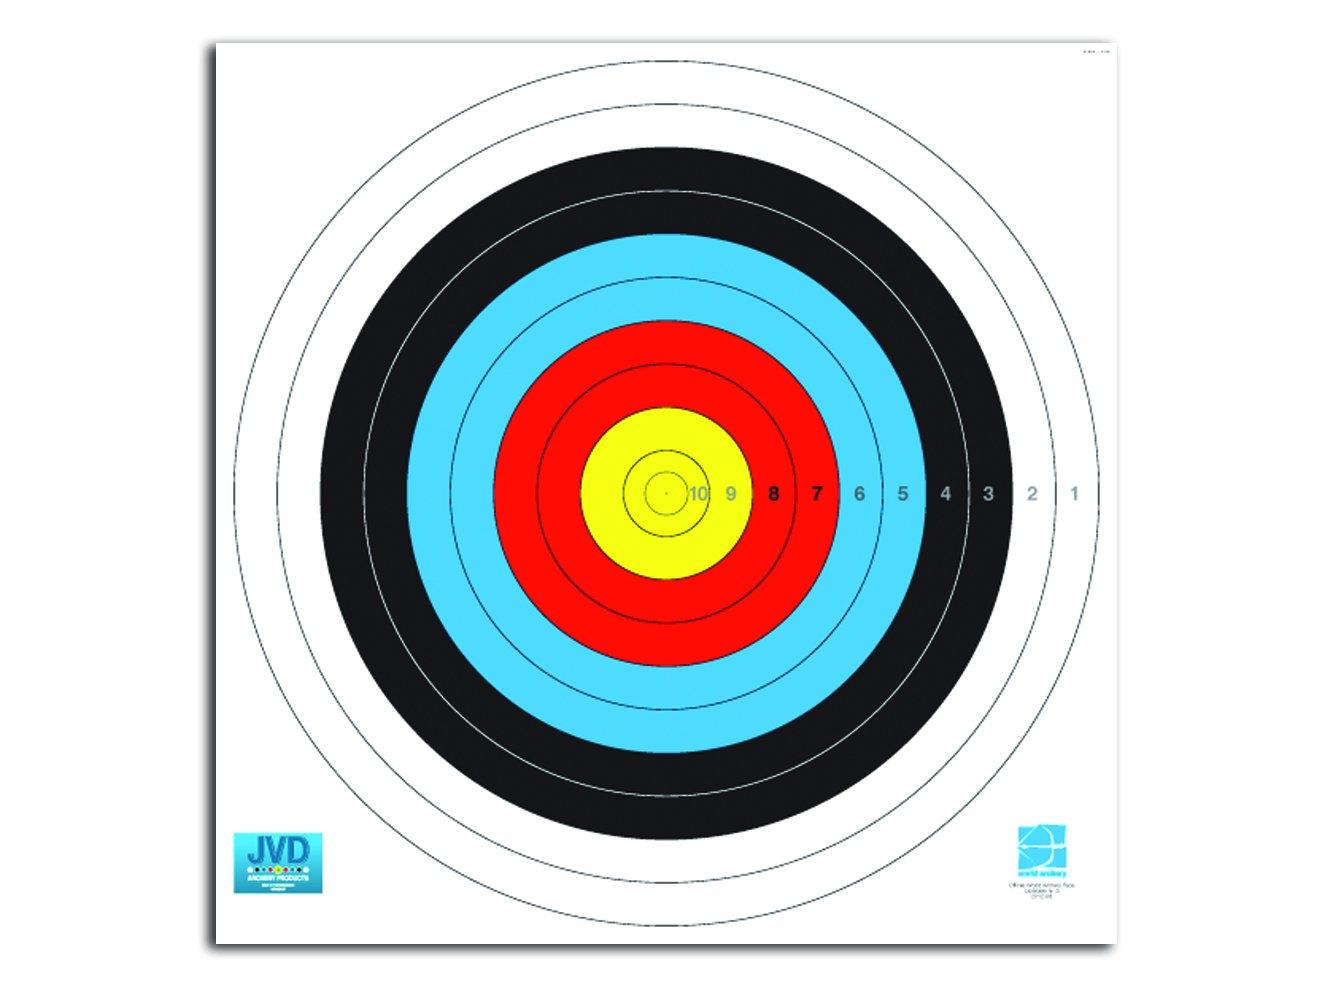 World Archery Federation (WA) - diverse Größen Scheibenauflage, Scheibenauflage - est-bogensport.de